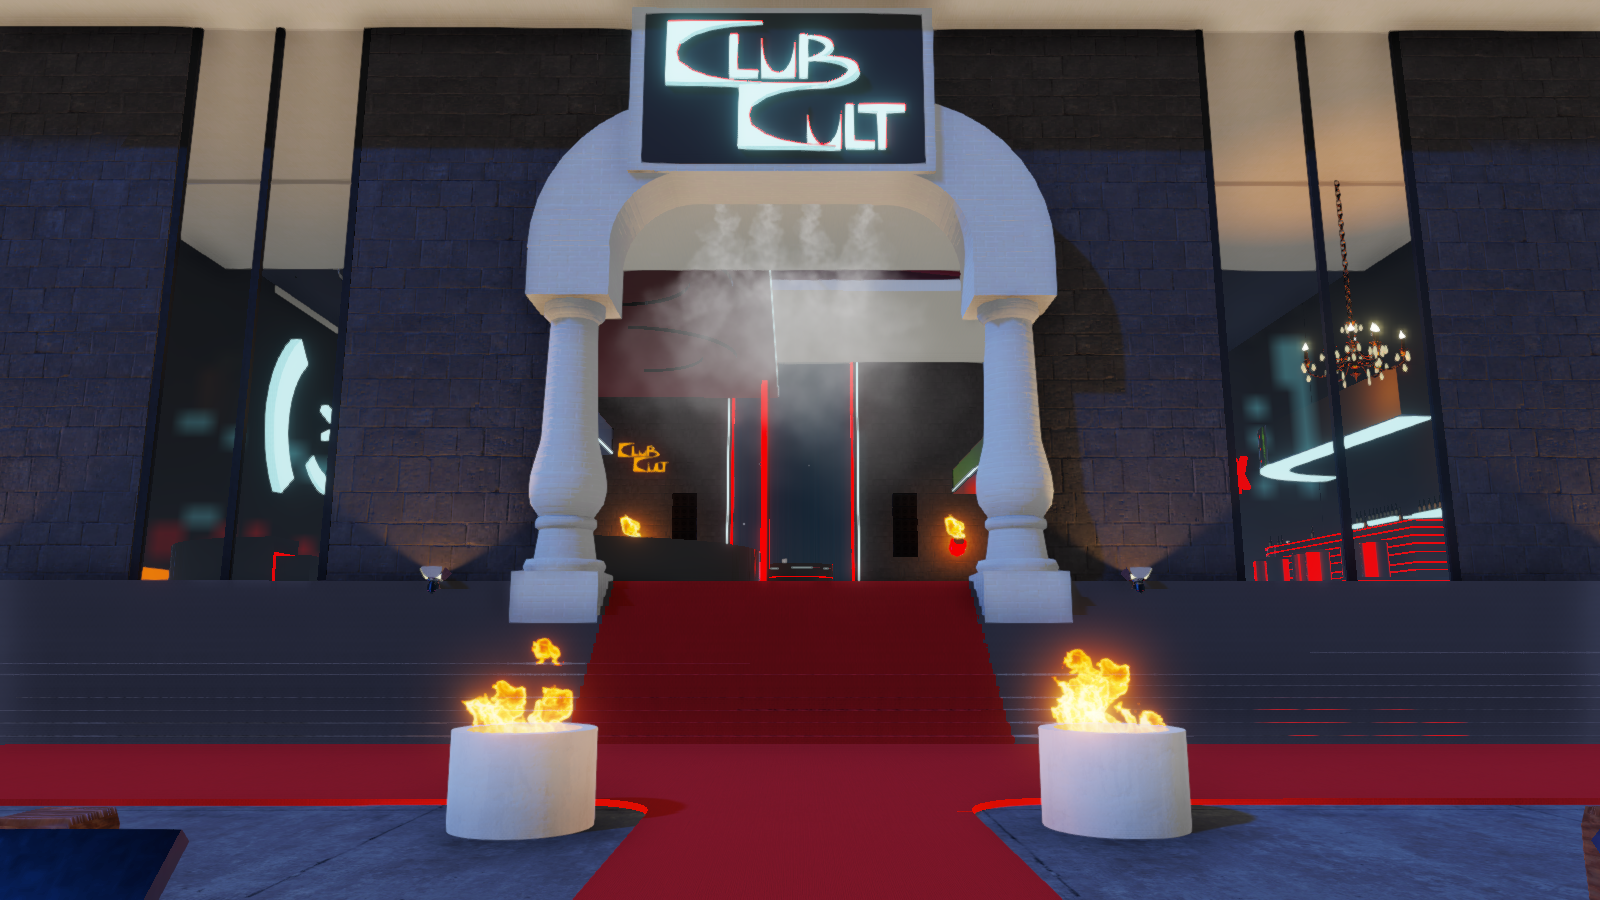 Club Cult 01